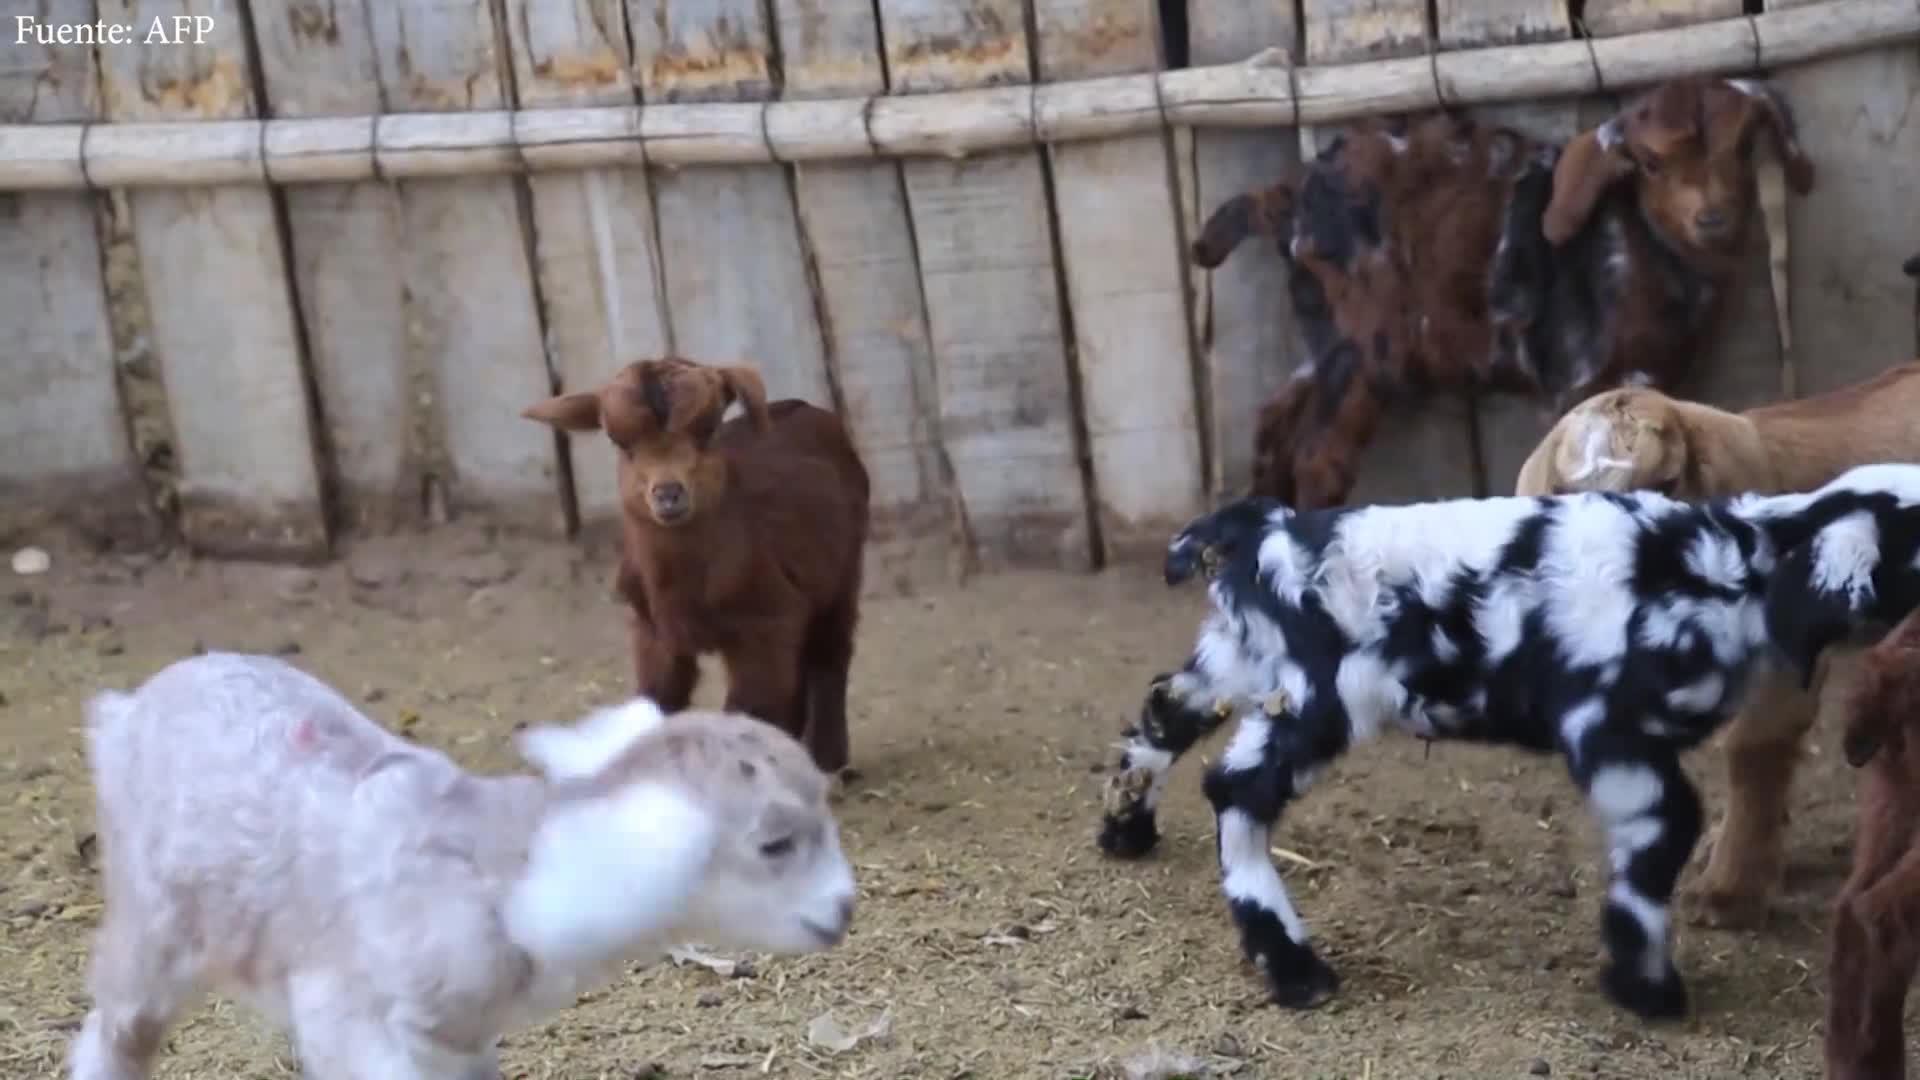 La cría de cabras, golpeada por la sequía en la tierra del Malbec en Argentina